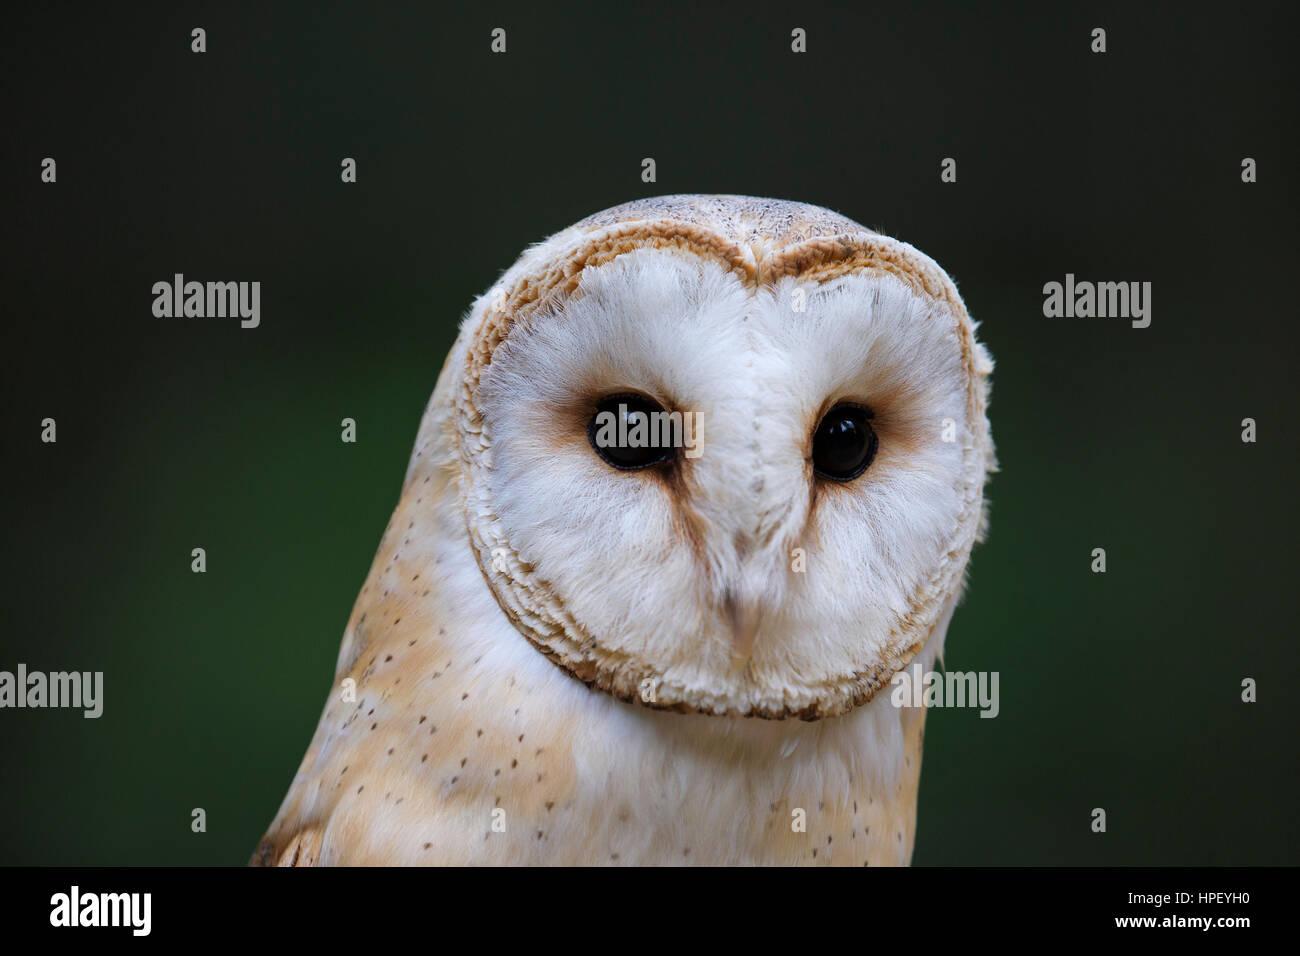 Lechuza de Campanario (Tyto alba) cerrar retrato mostrando prominentes disco facial Foto de stock